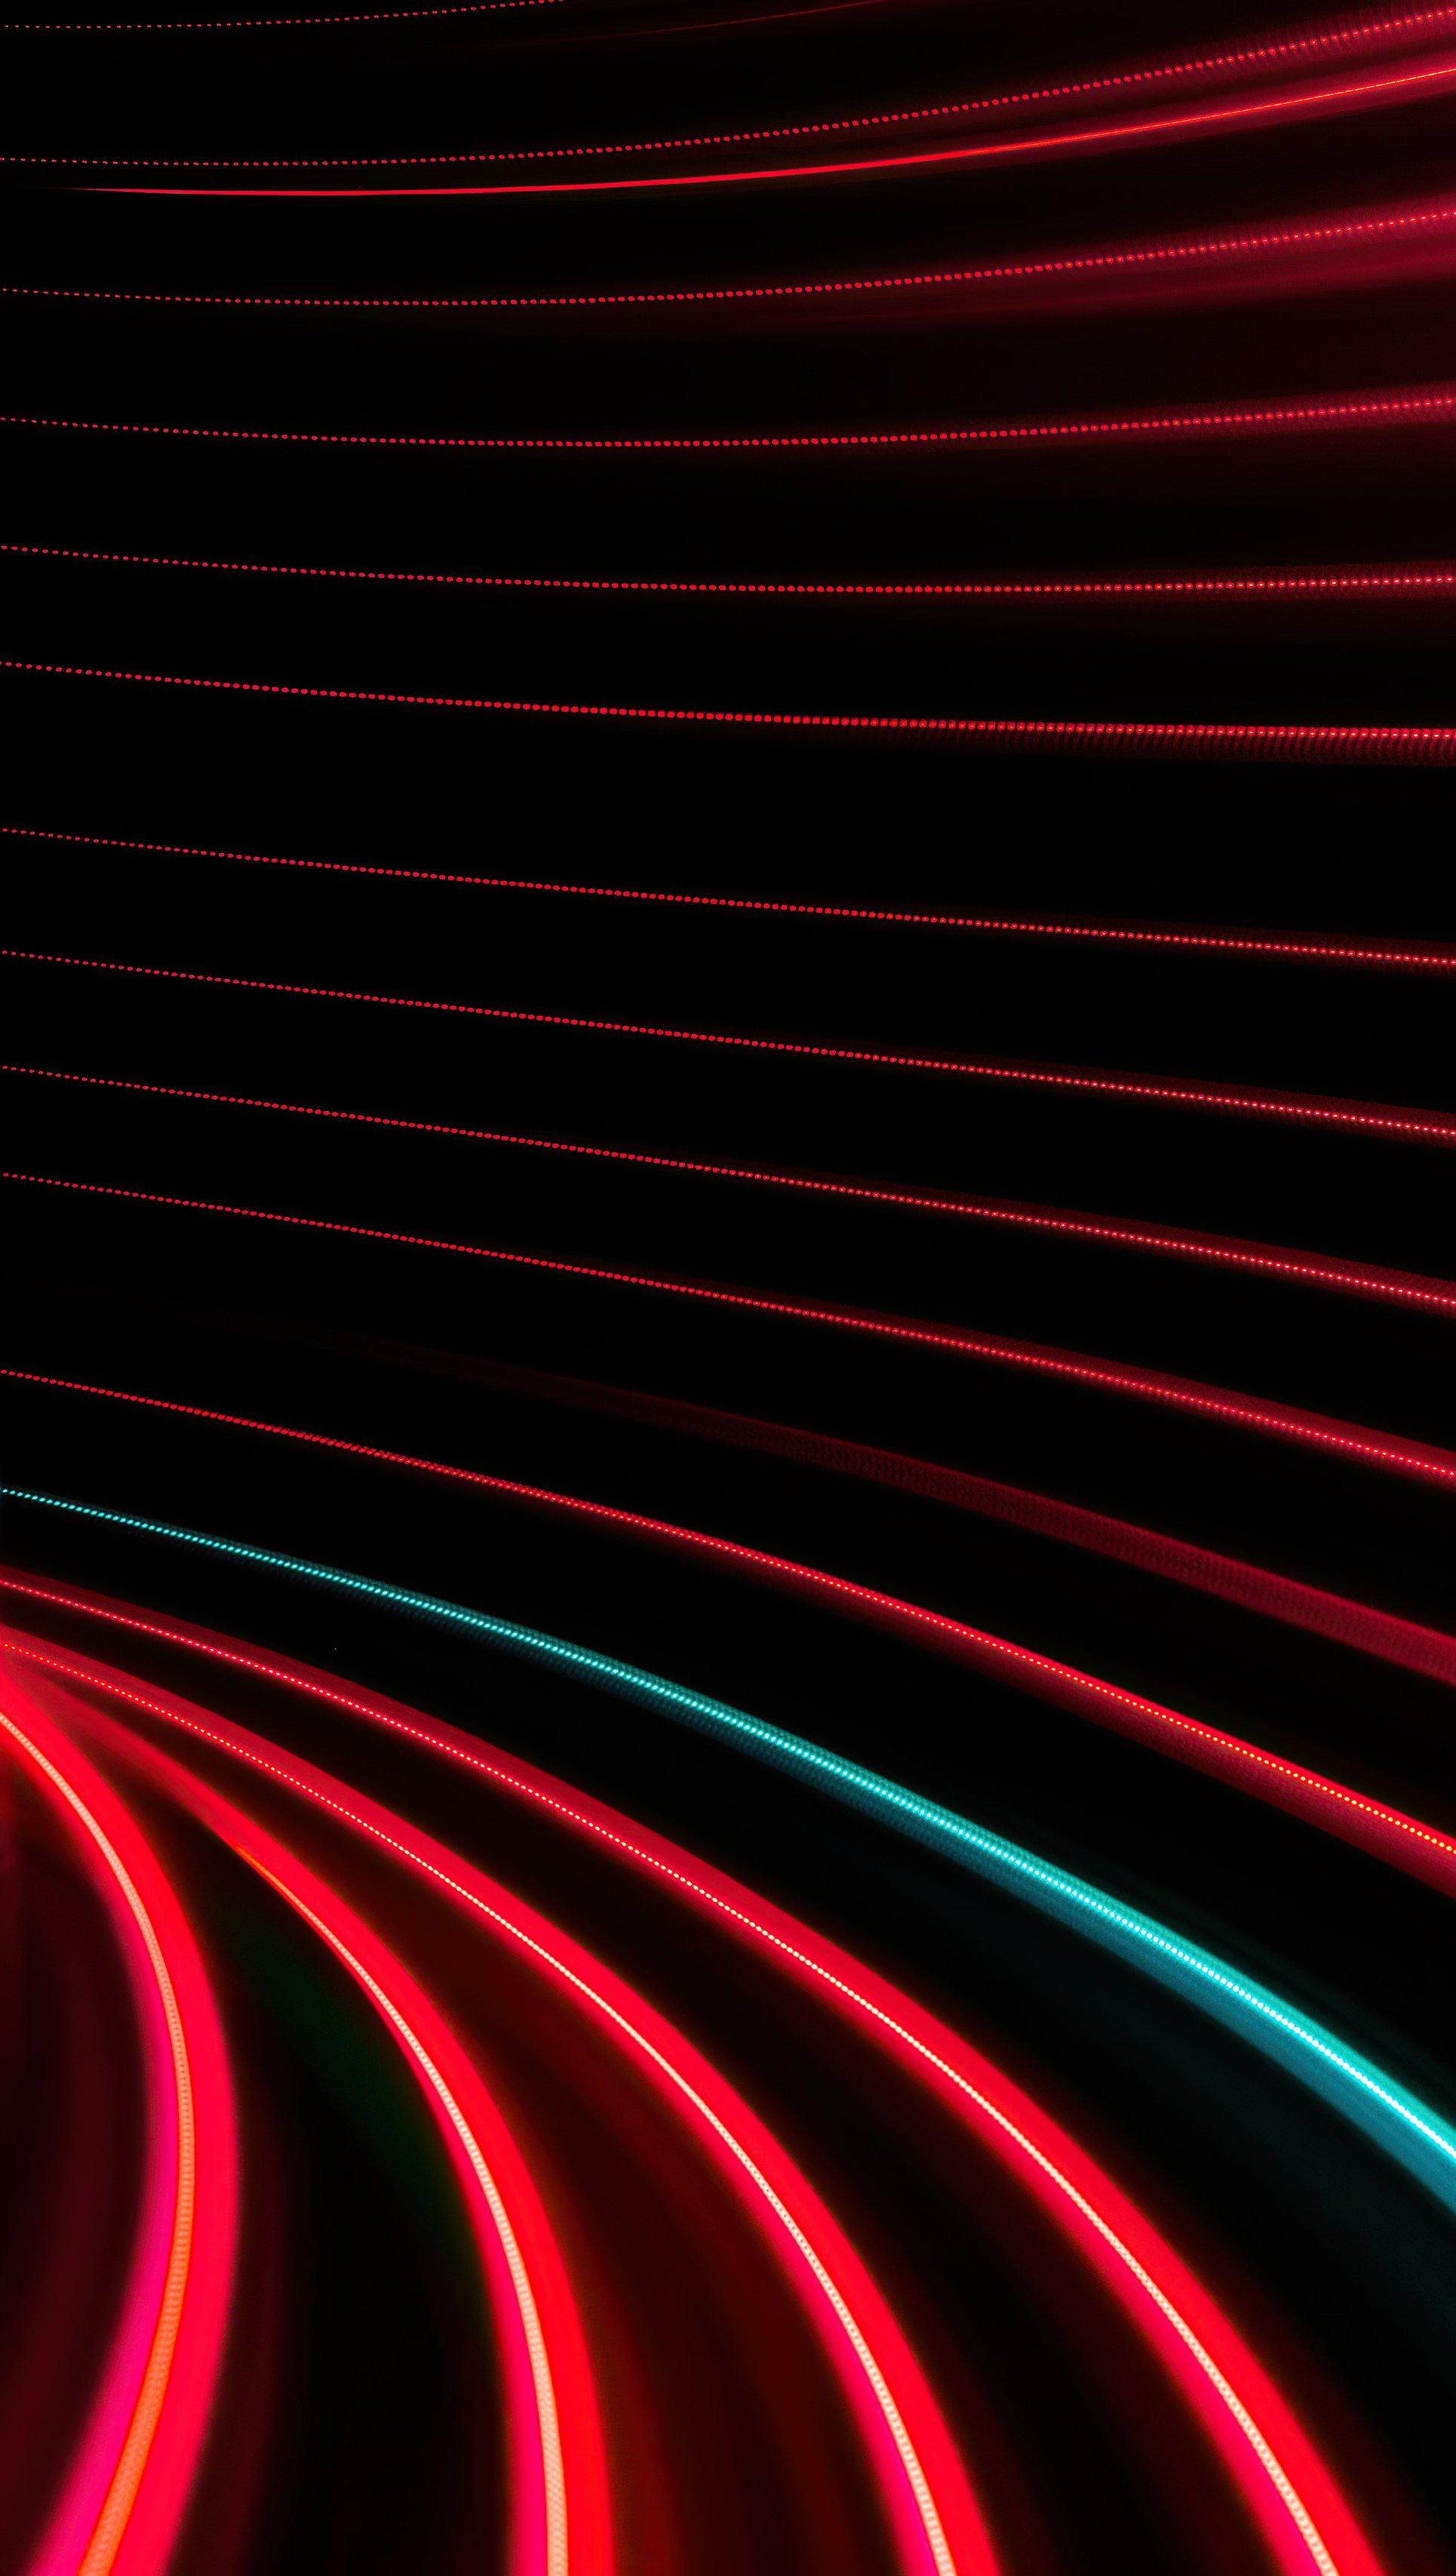 Fondos de pantalla Remolino de lineas rojas y negras Vertical